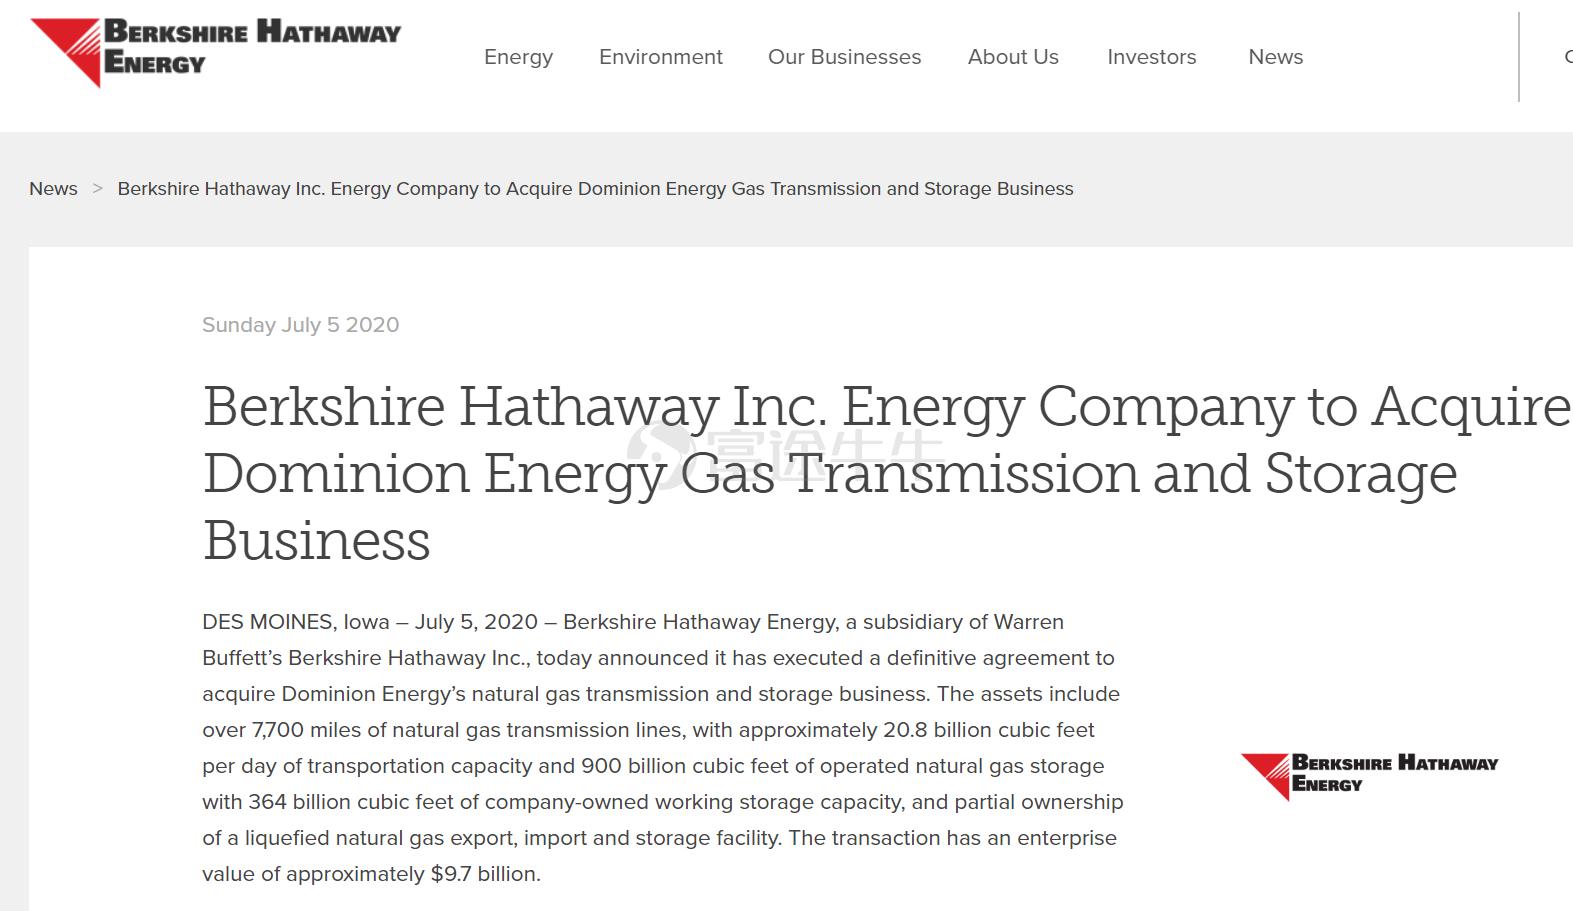 巴菲特终于出手!伯克希尔100亿美元收购道明尼能源天然气资产